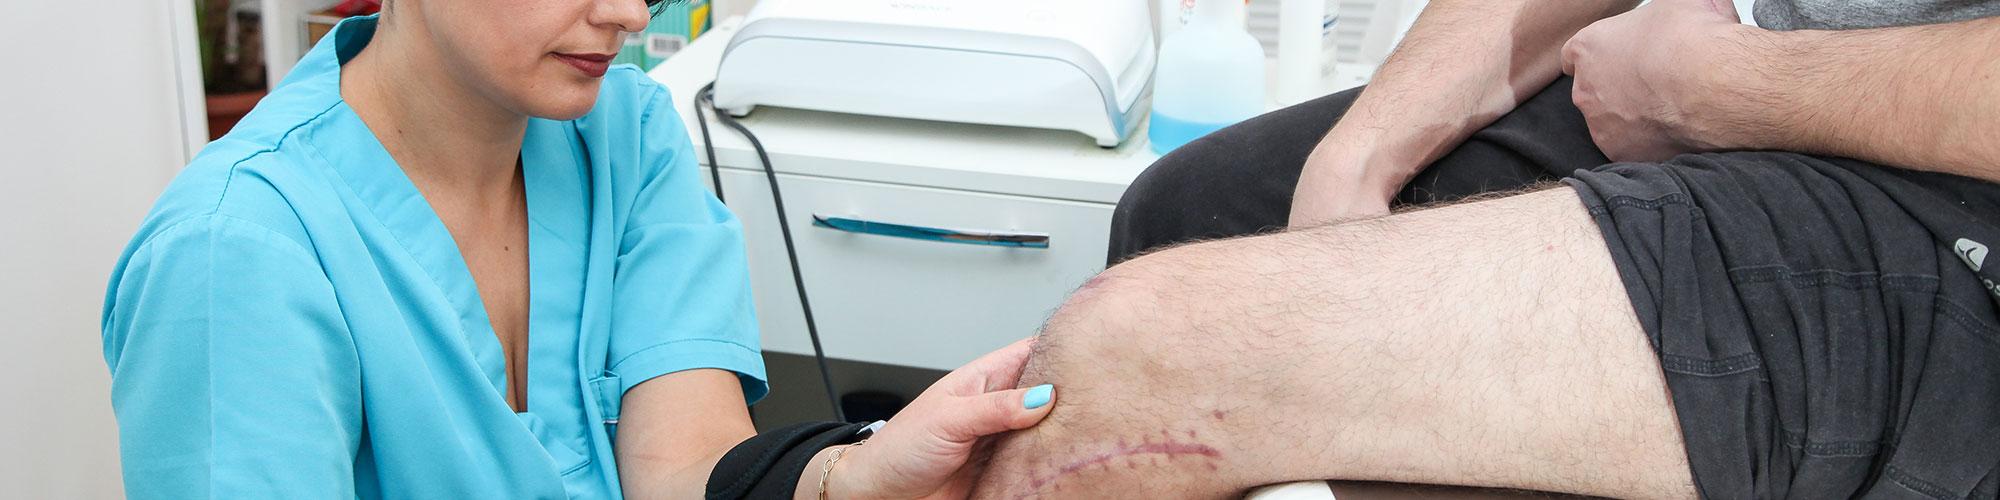 de ce se umflă articulațiile genunchiului